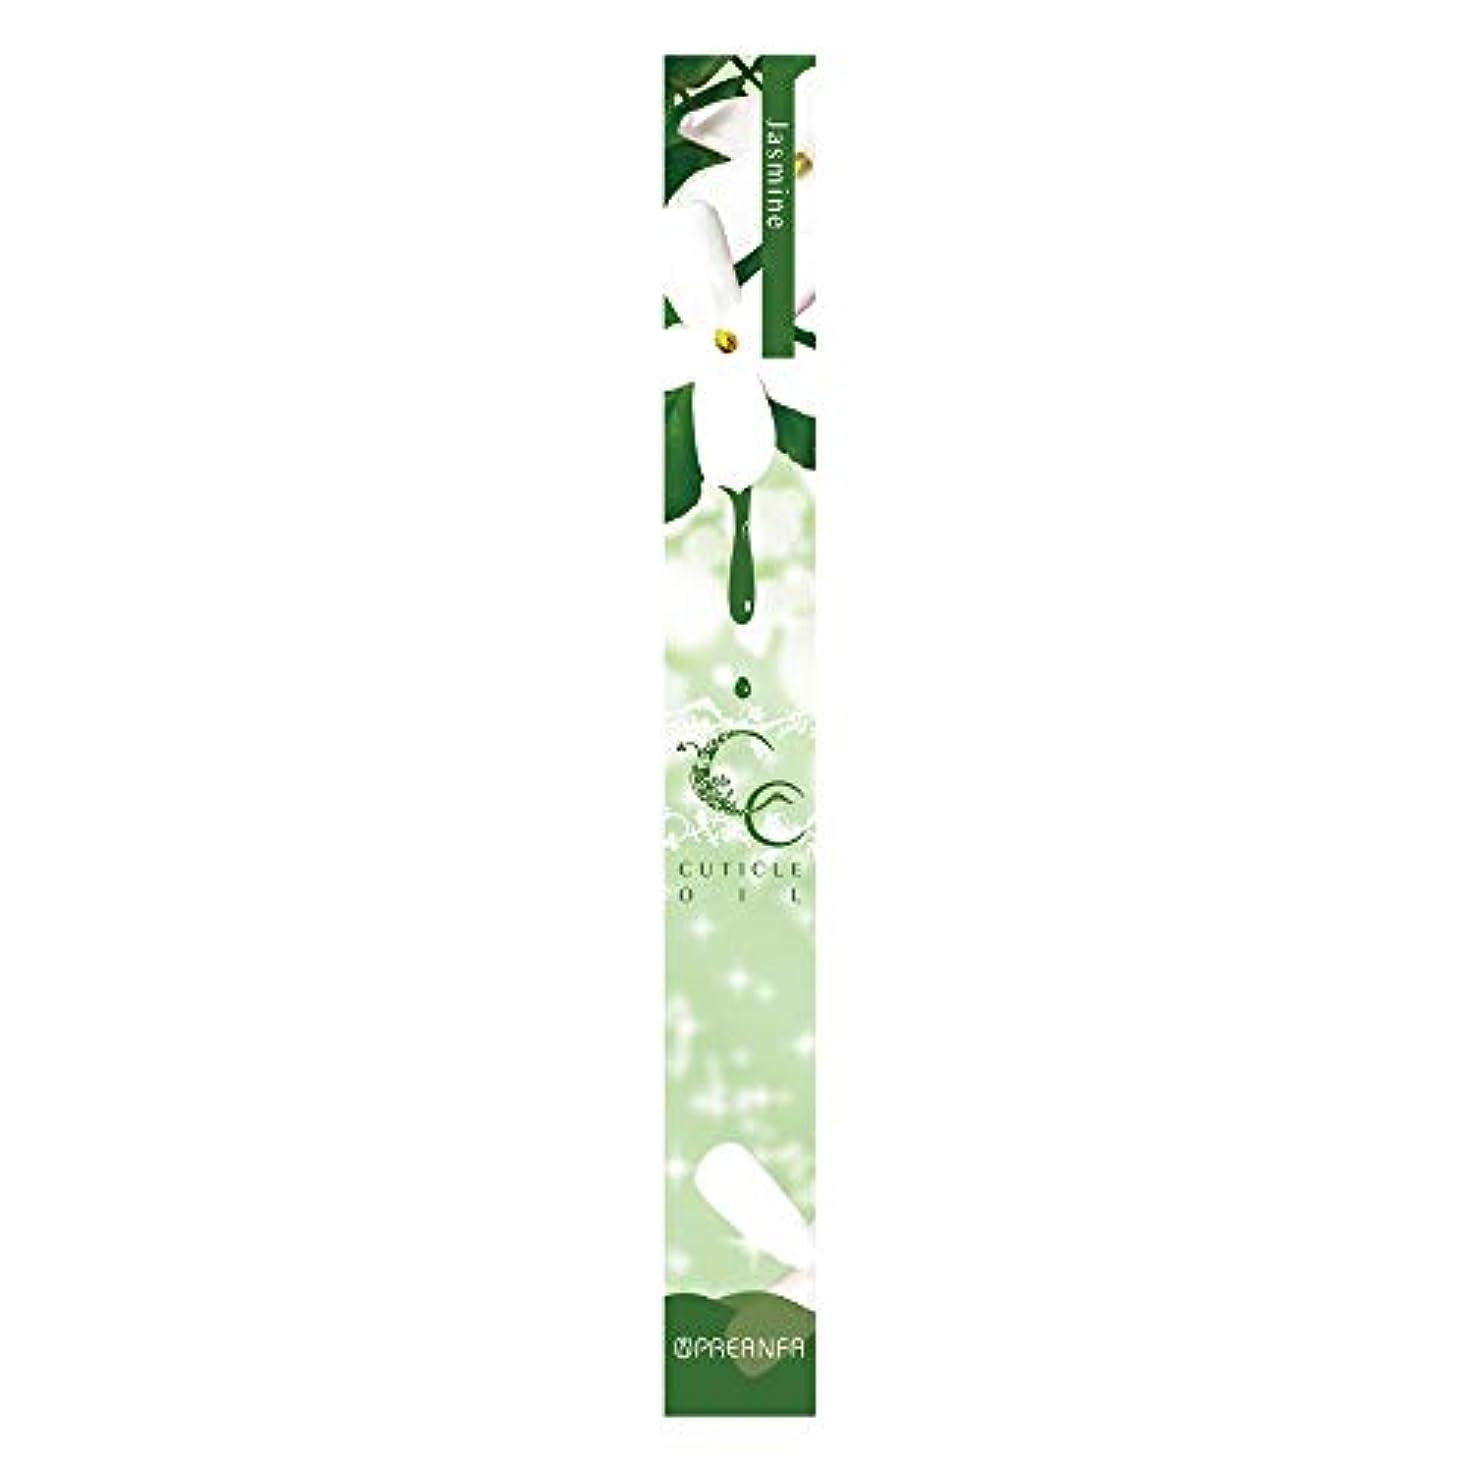 セマフォパキスタン人好きであるプリジェル 甘皮ケア CCキューティクルオイル ジャスミン 4.5g  保湿オイル ペンタイプ